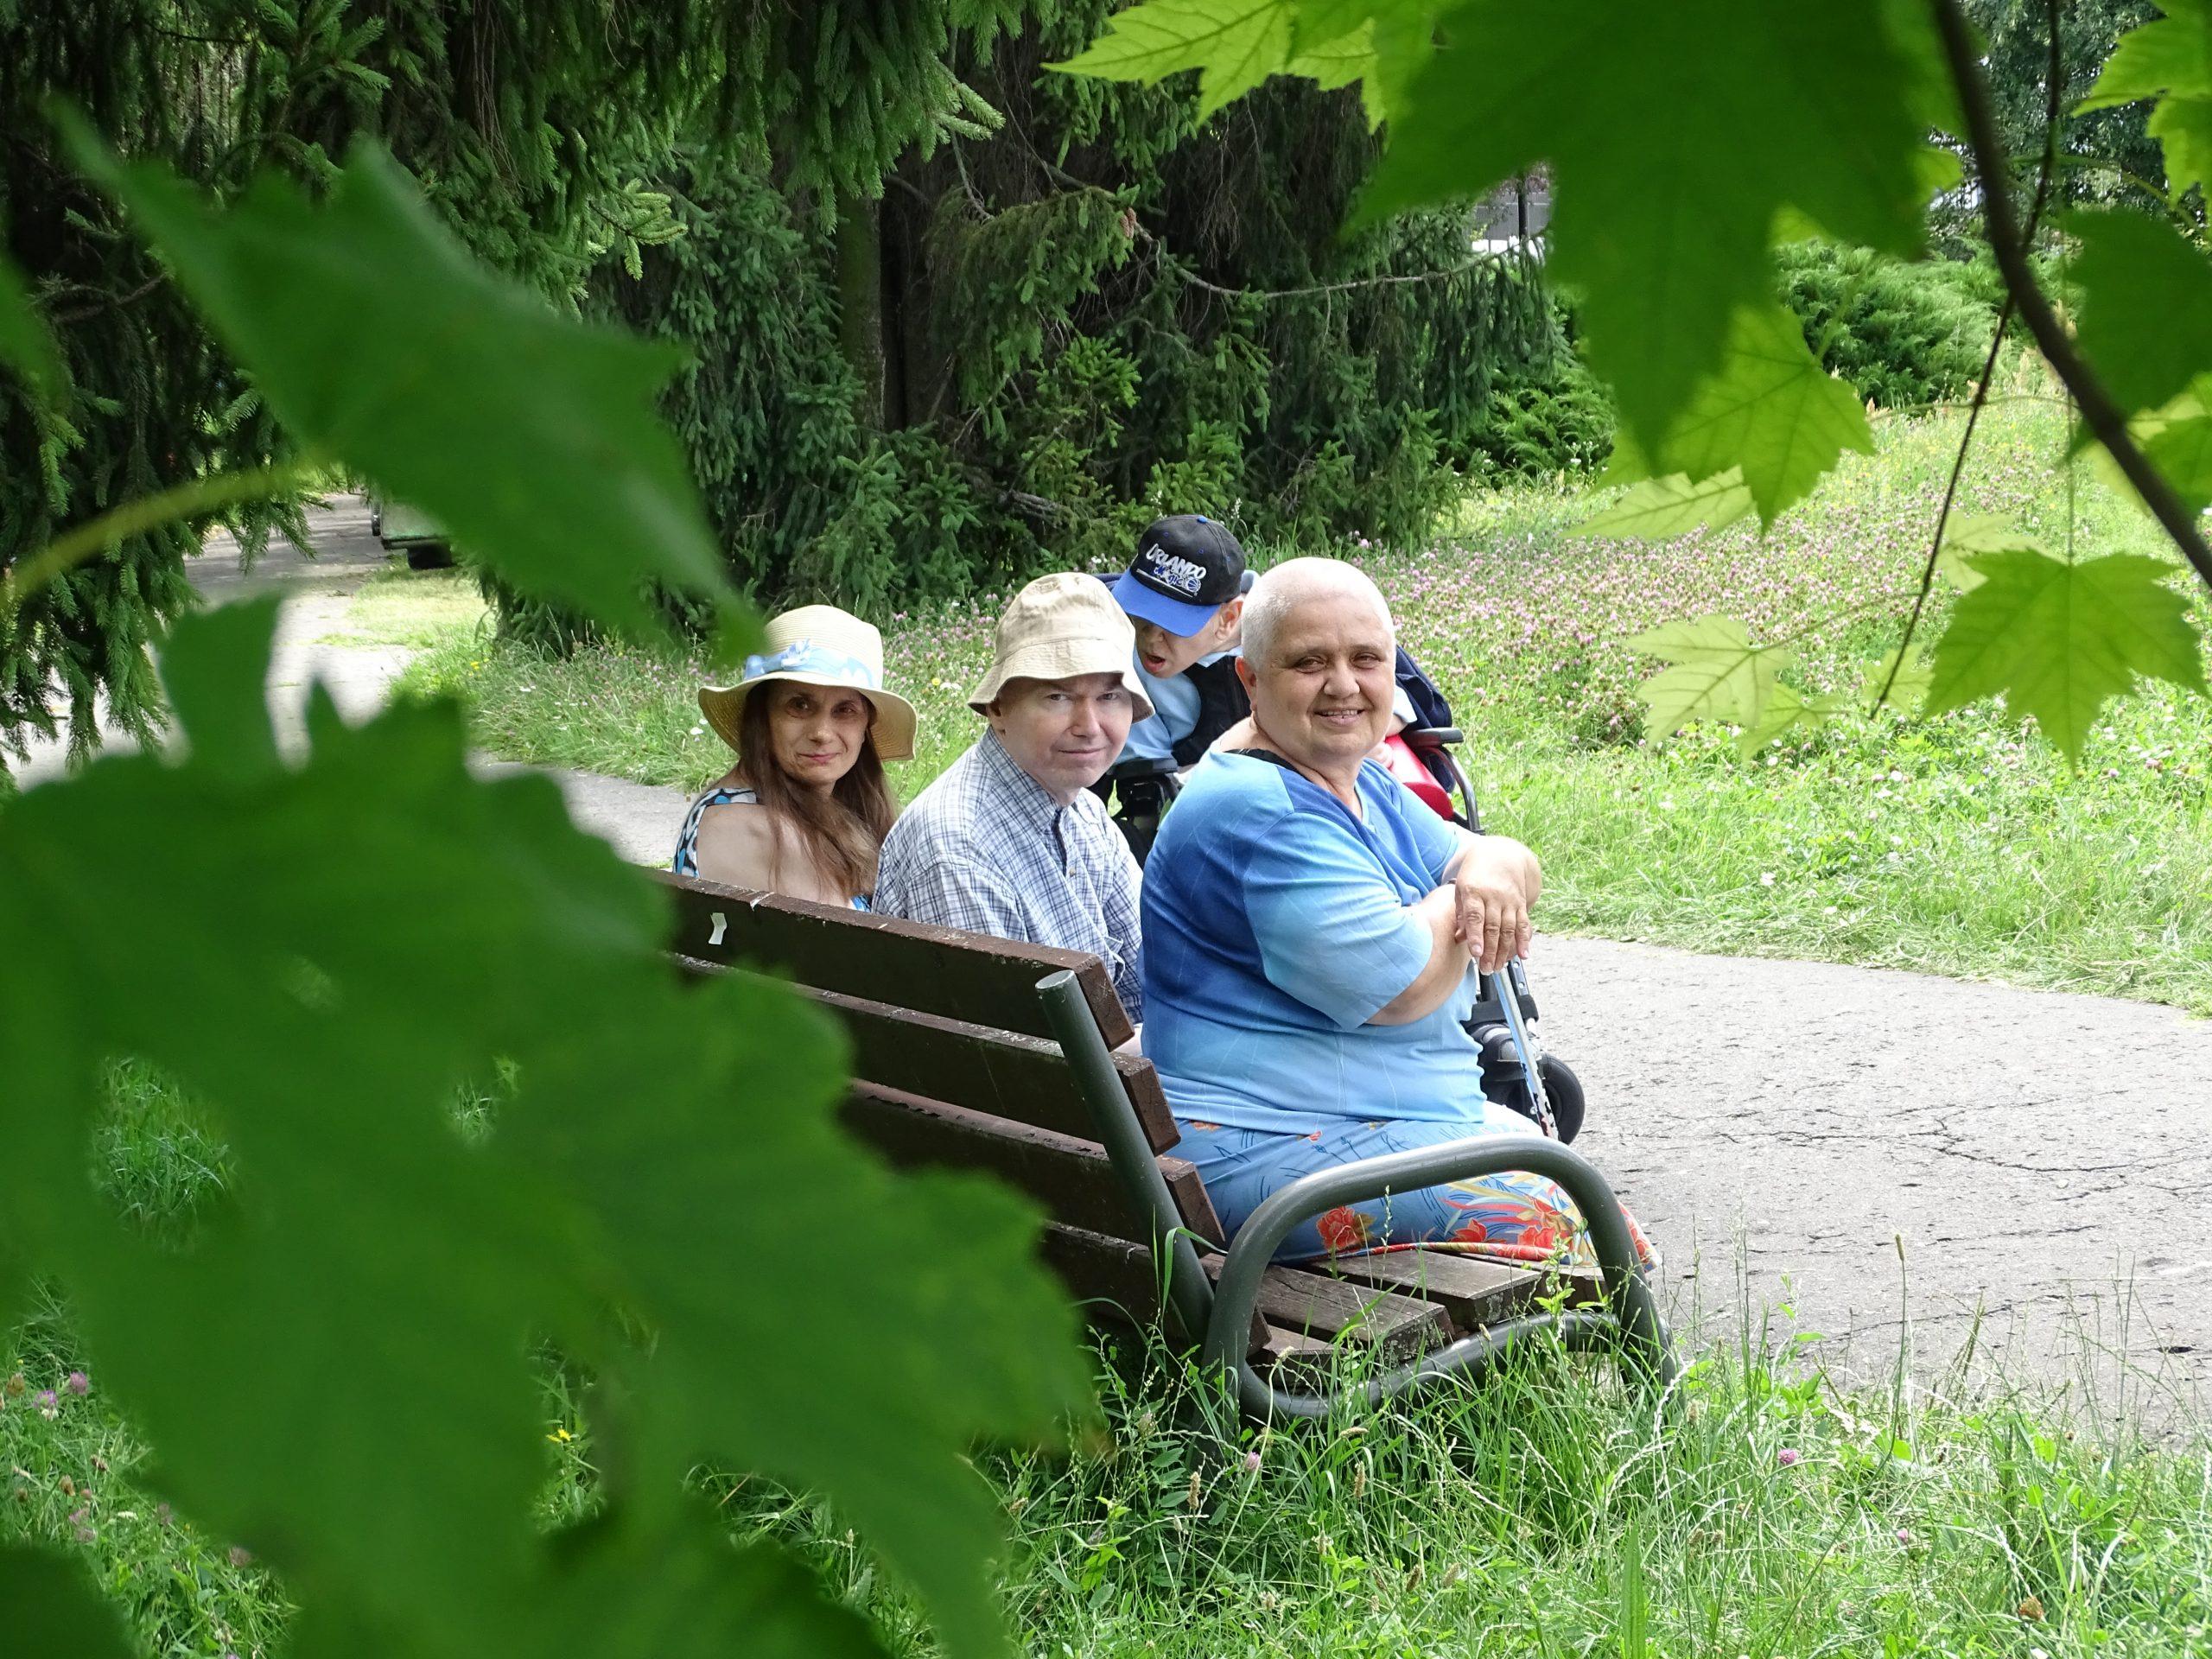 Grupa osób relaksuje się w parku